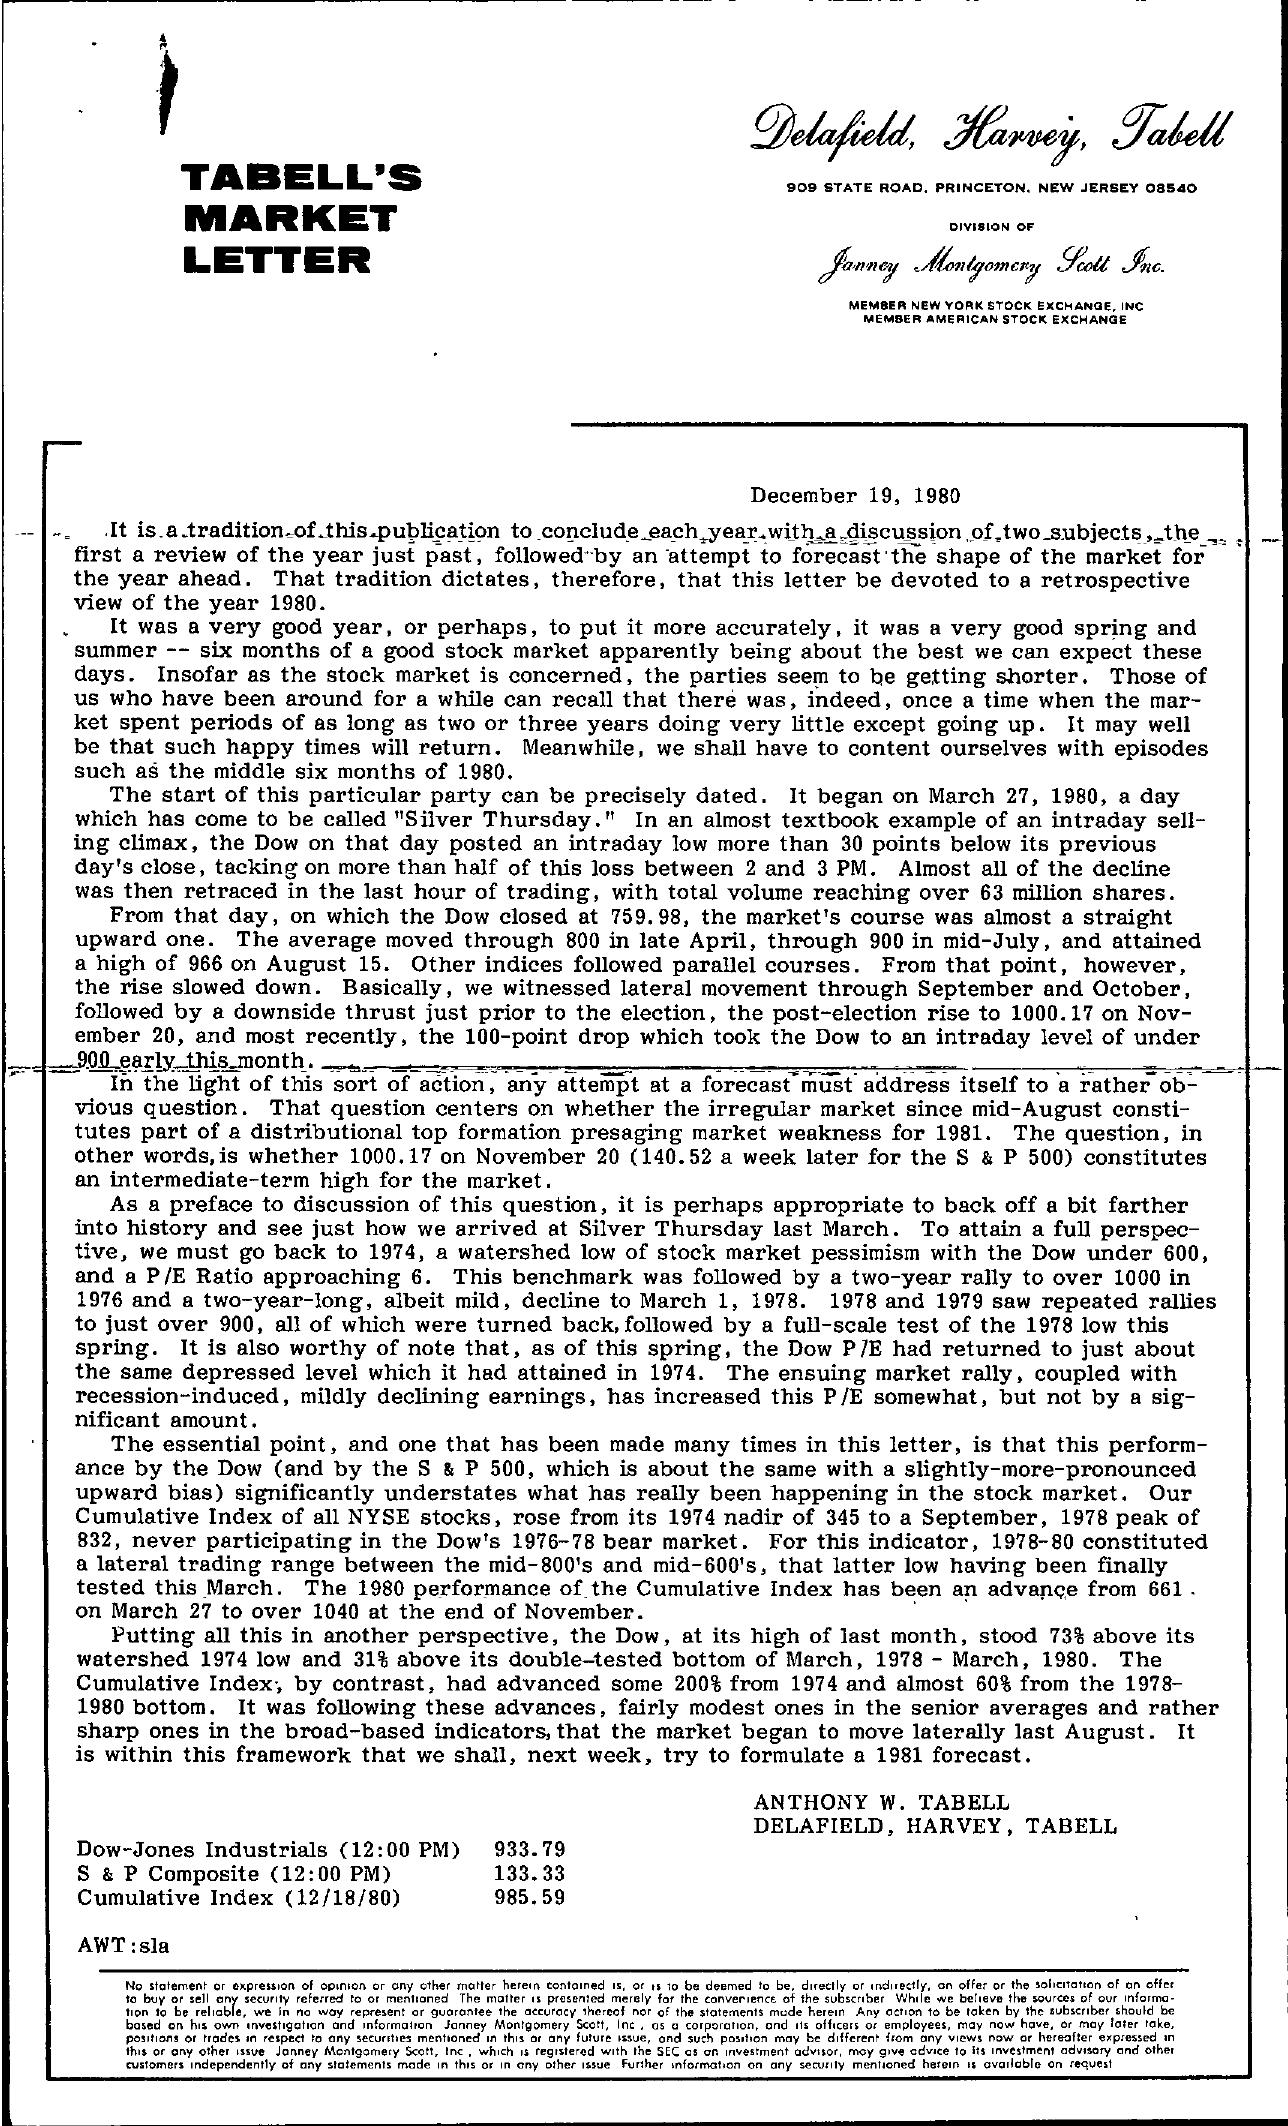 Tabell's Market Letter - December 19, 1980